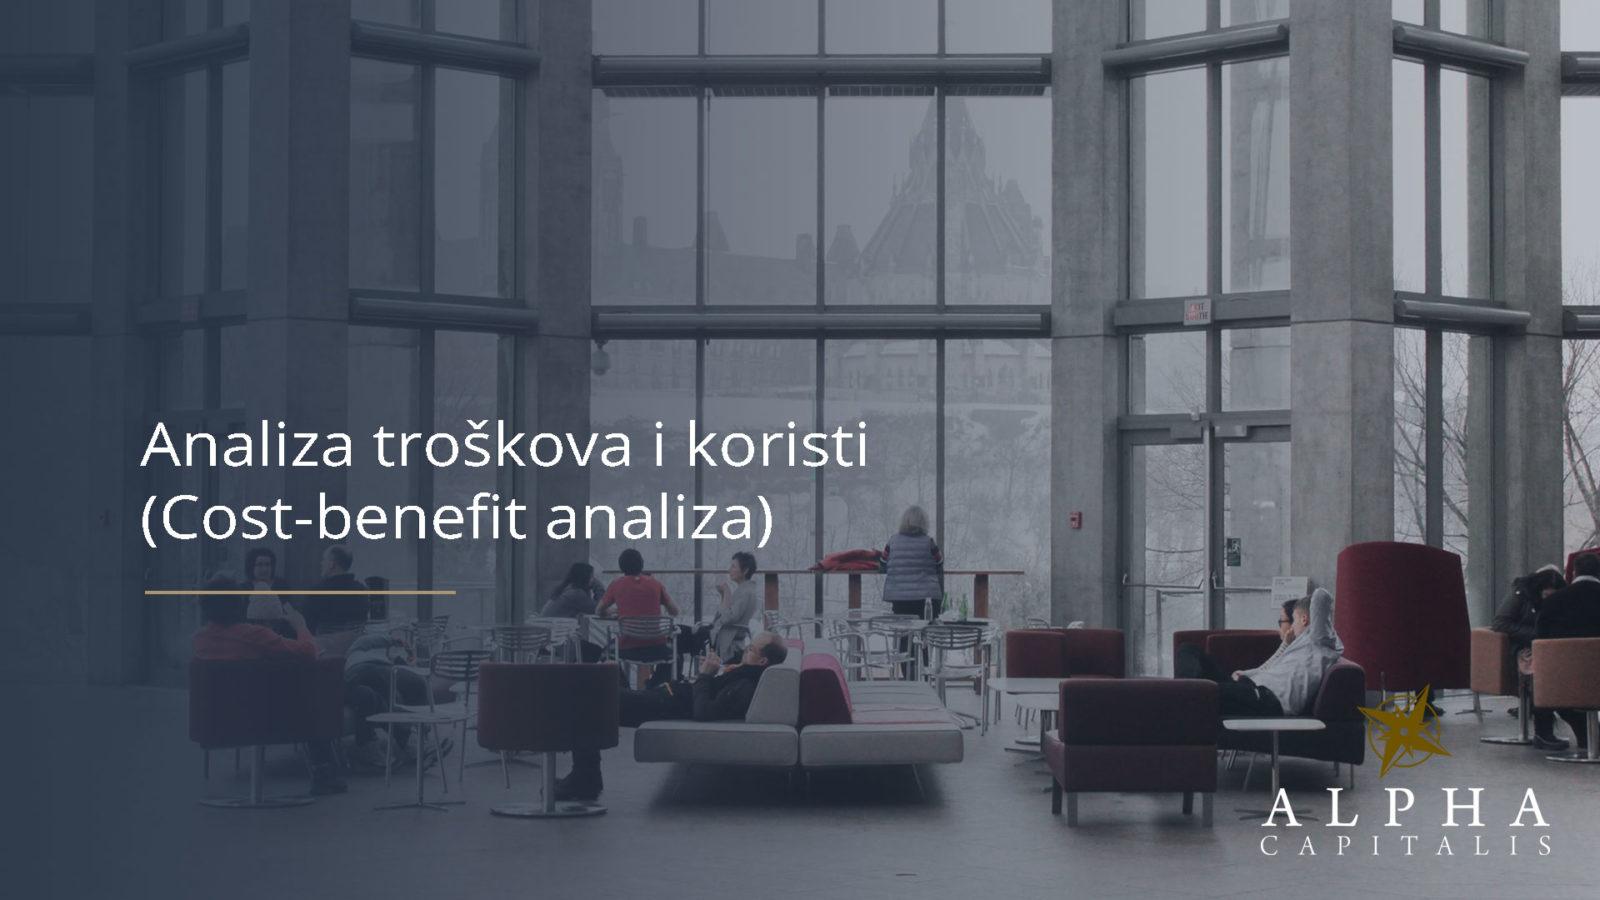 Analiza troskova i koristi Cost benefit analiza - Analiza troškova i koristi (Cost-benefit analiza)